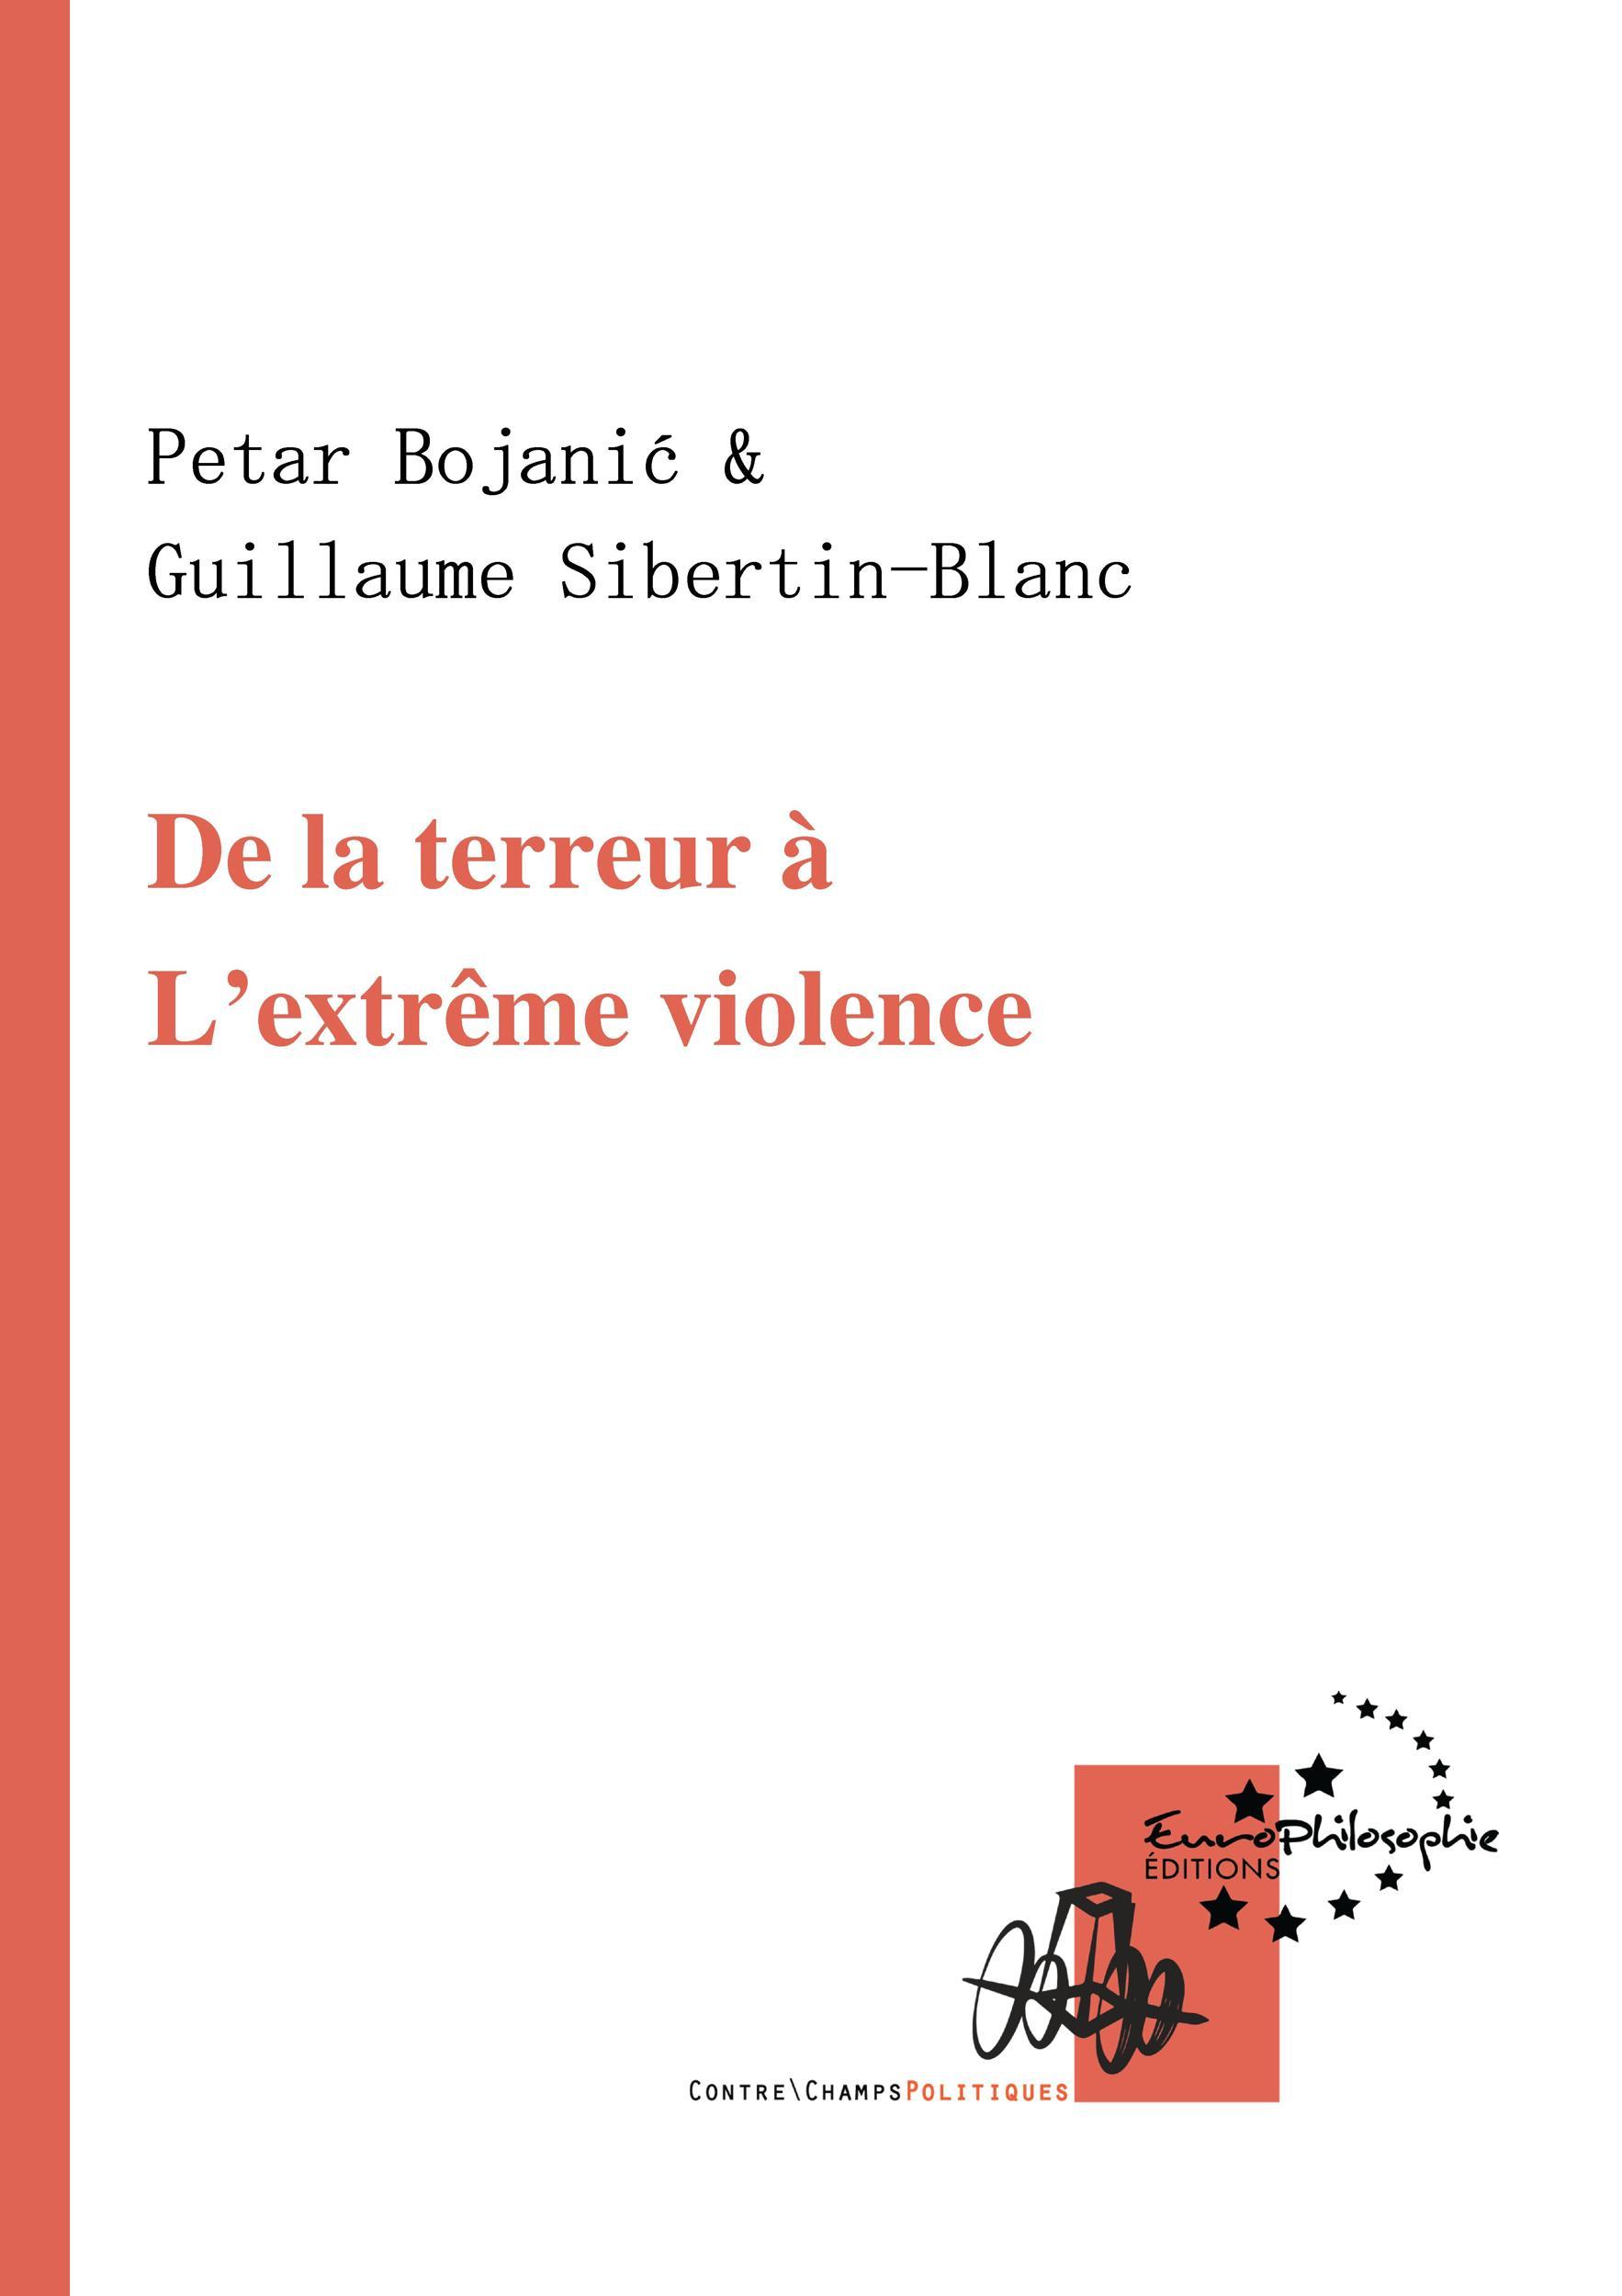 De la terreur à l'extrême violence